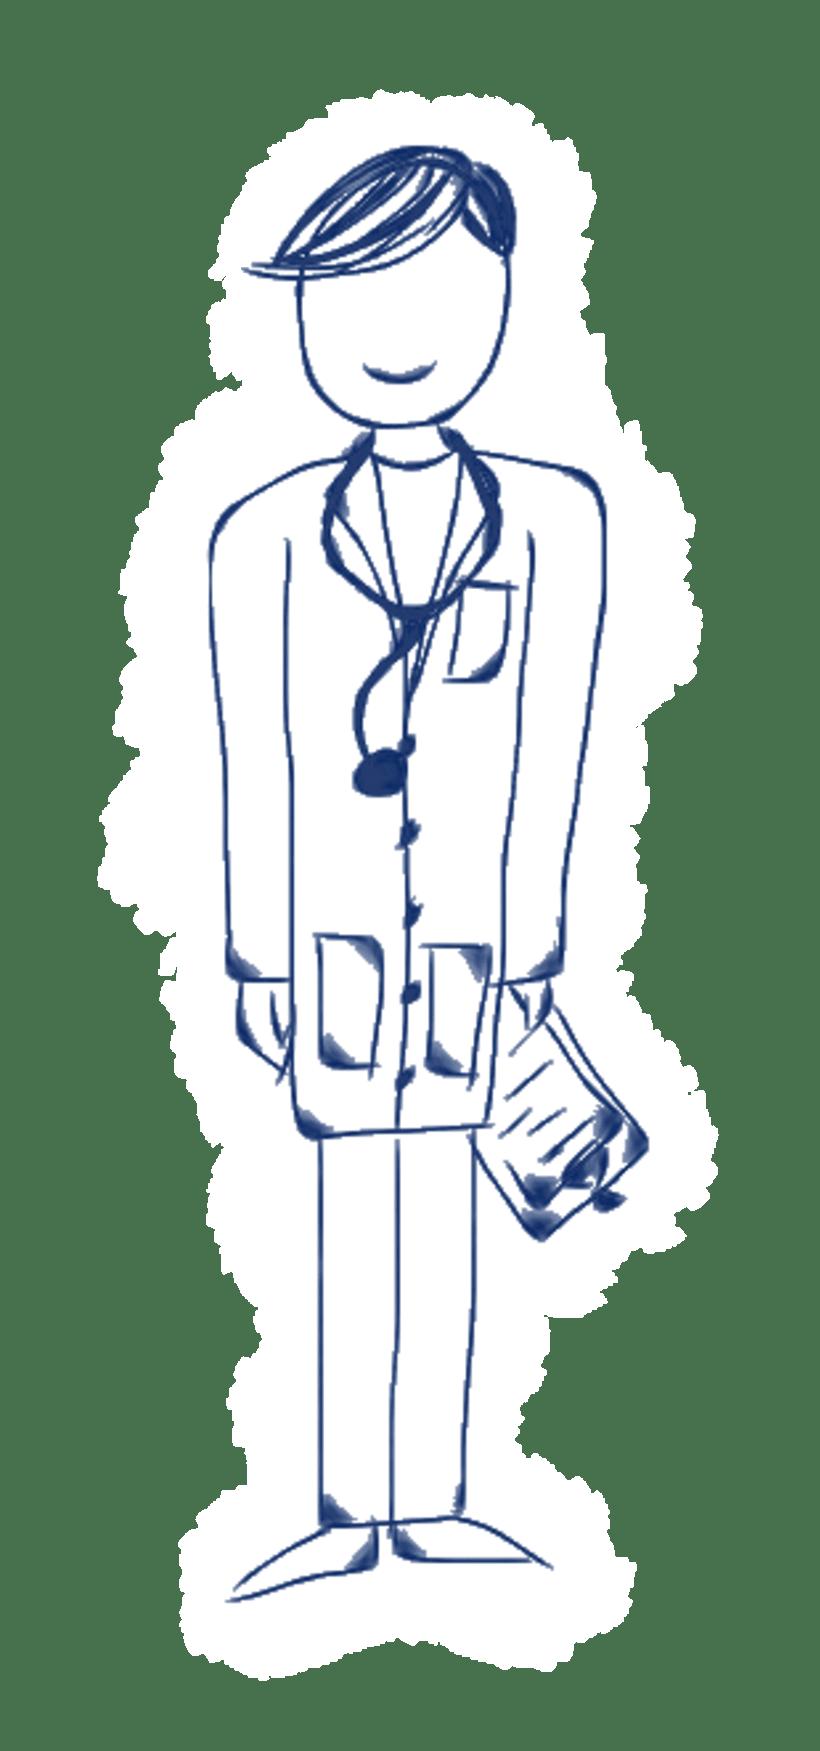 EDITORIAL/ILUSTRACIÓN - Sketch de propuesta para libreto (proyecto gráfico, maquetación y ilustración) 1